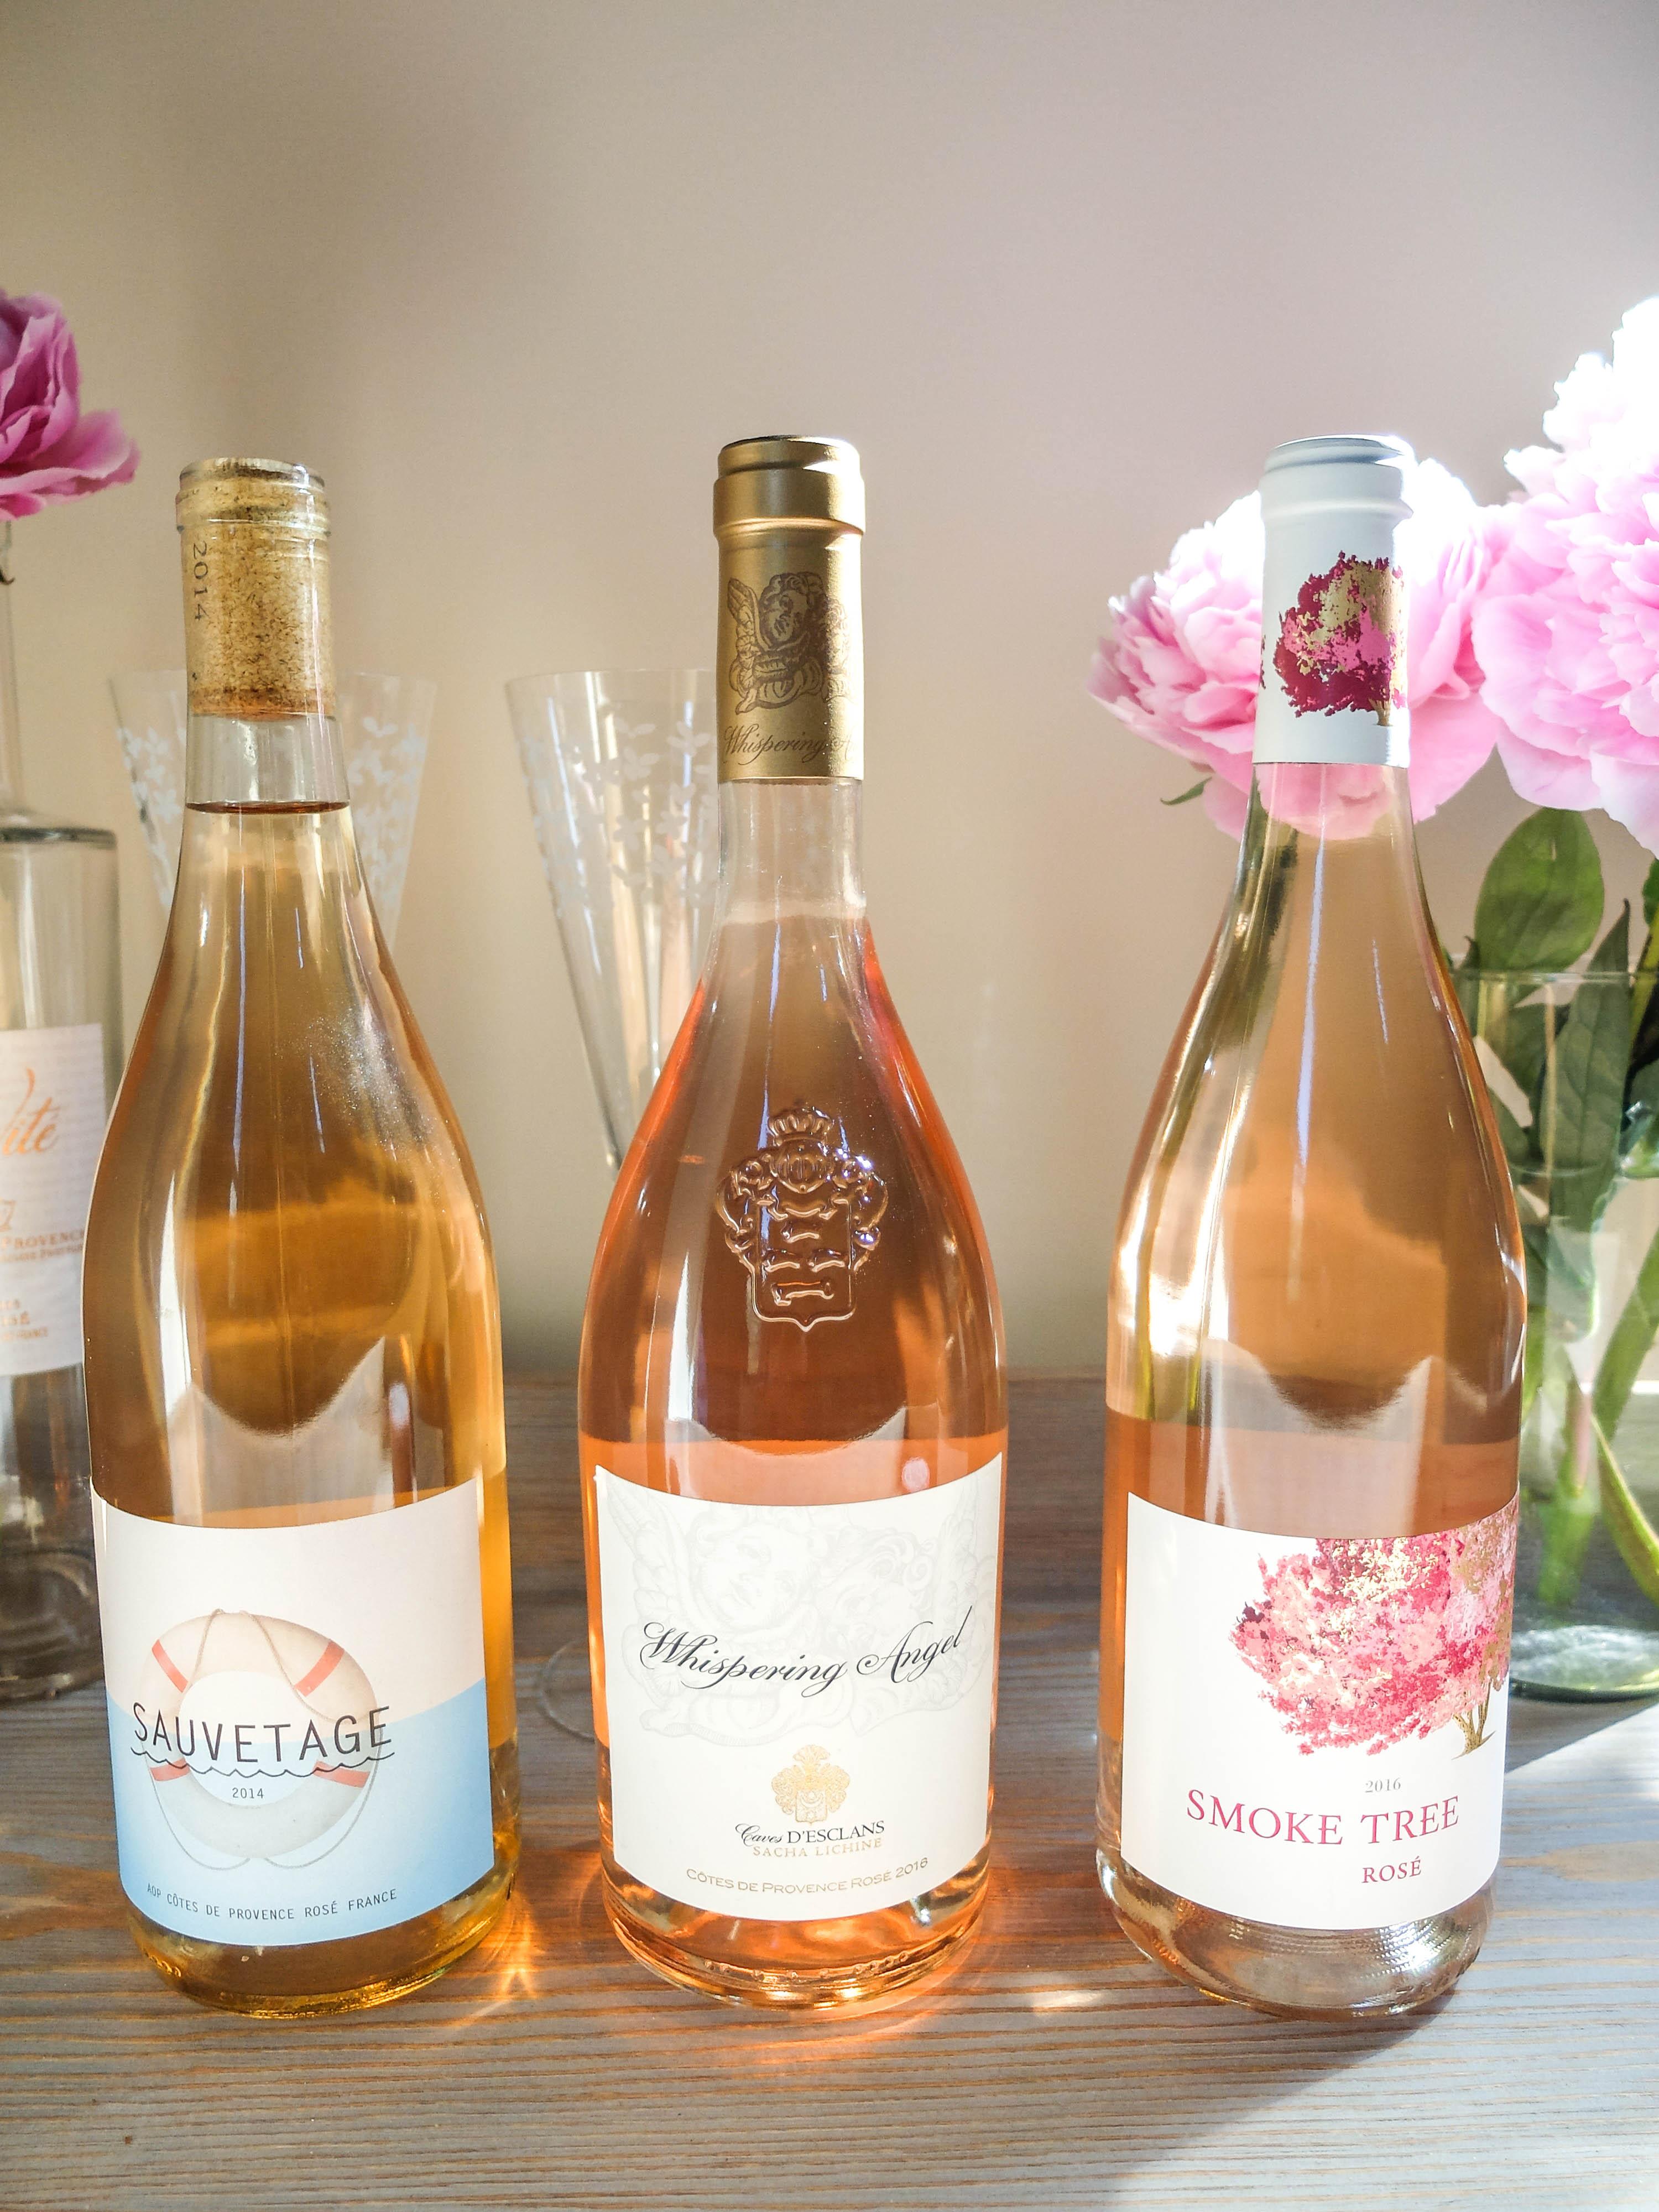 National Rose Day Wine 1 Lavieannroselavieannrose